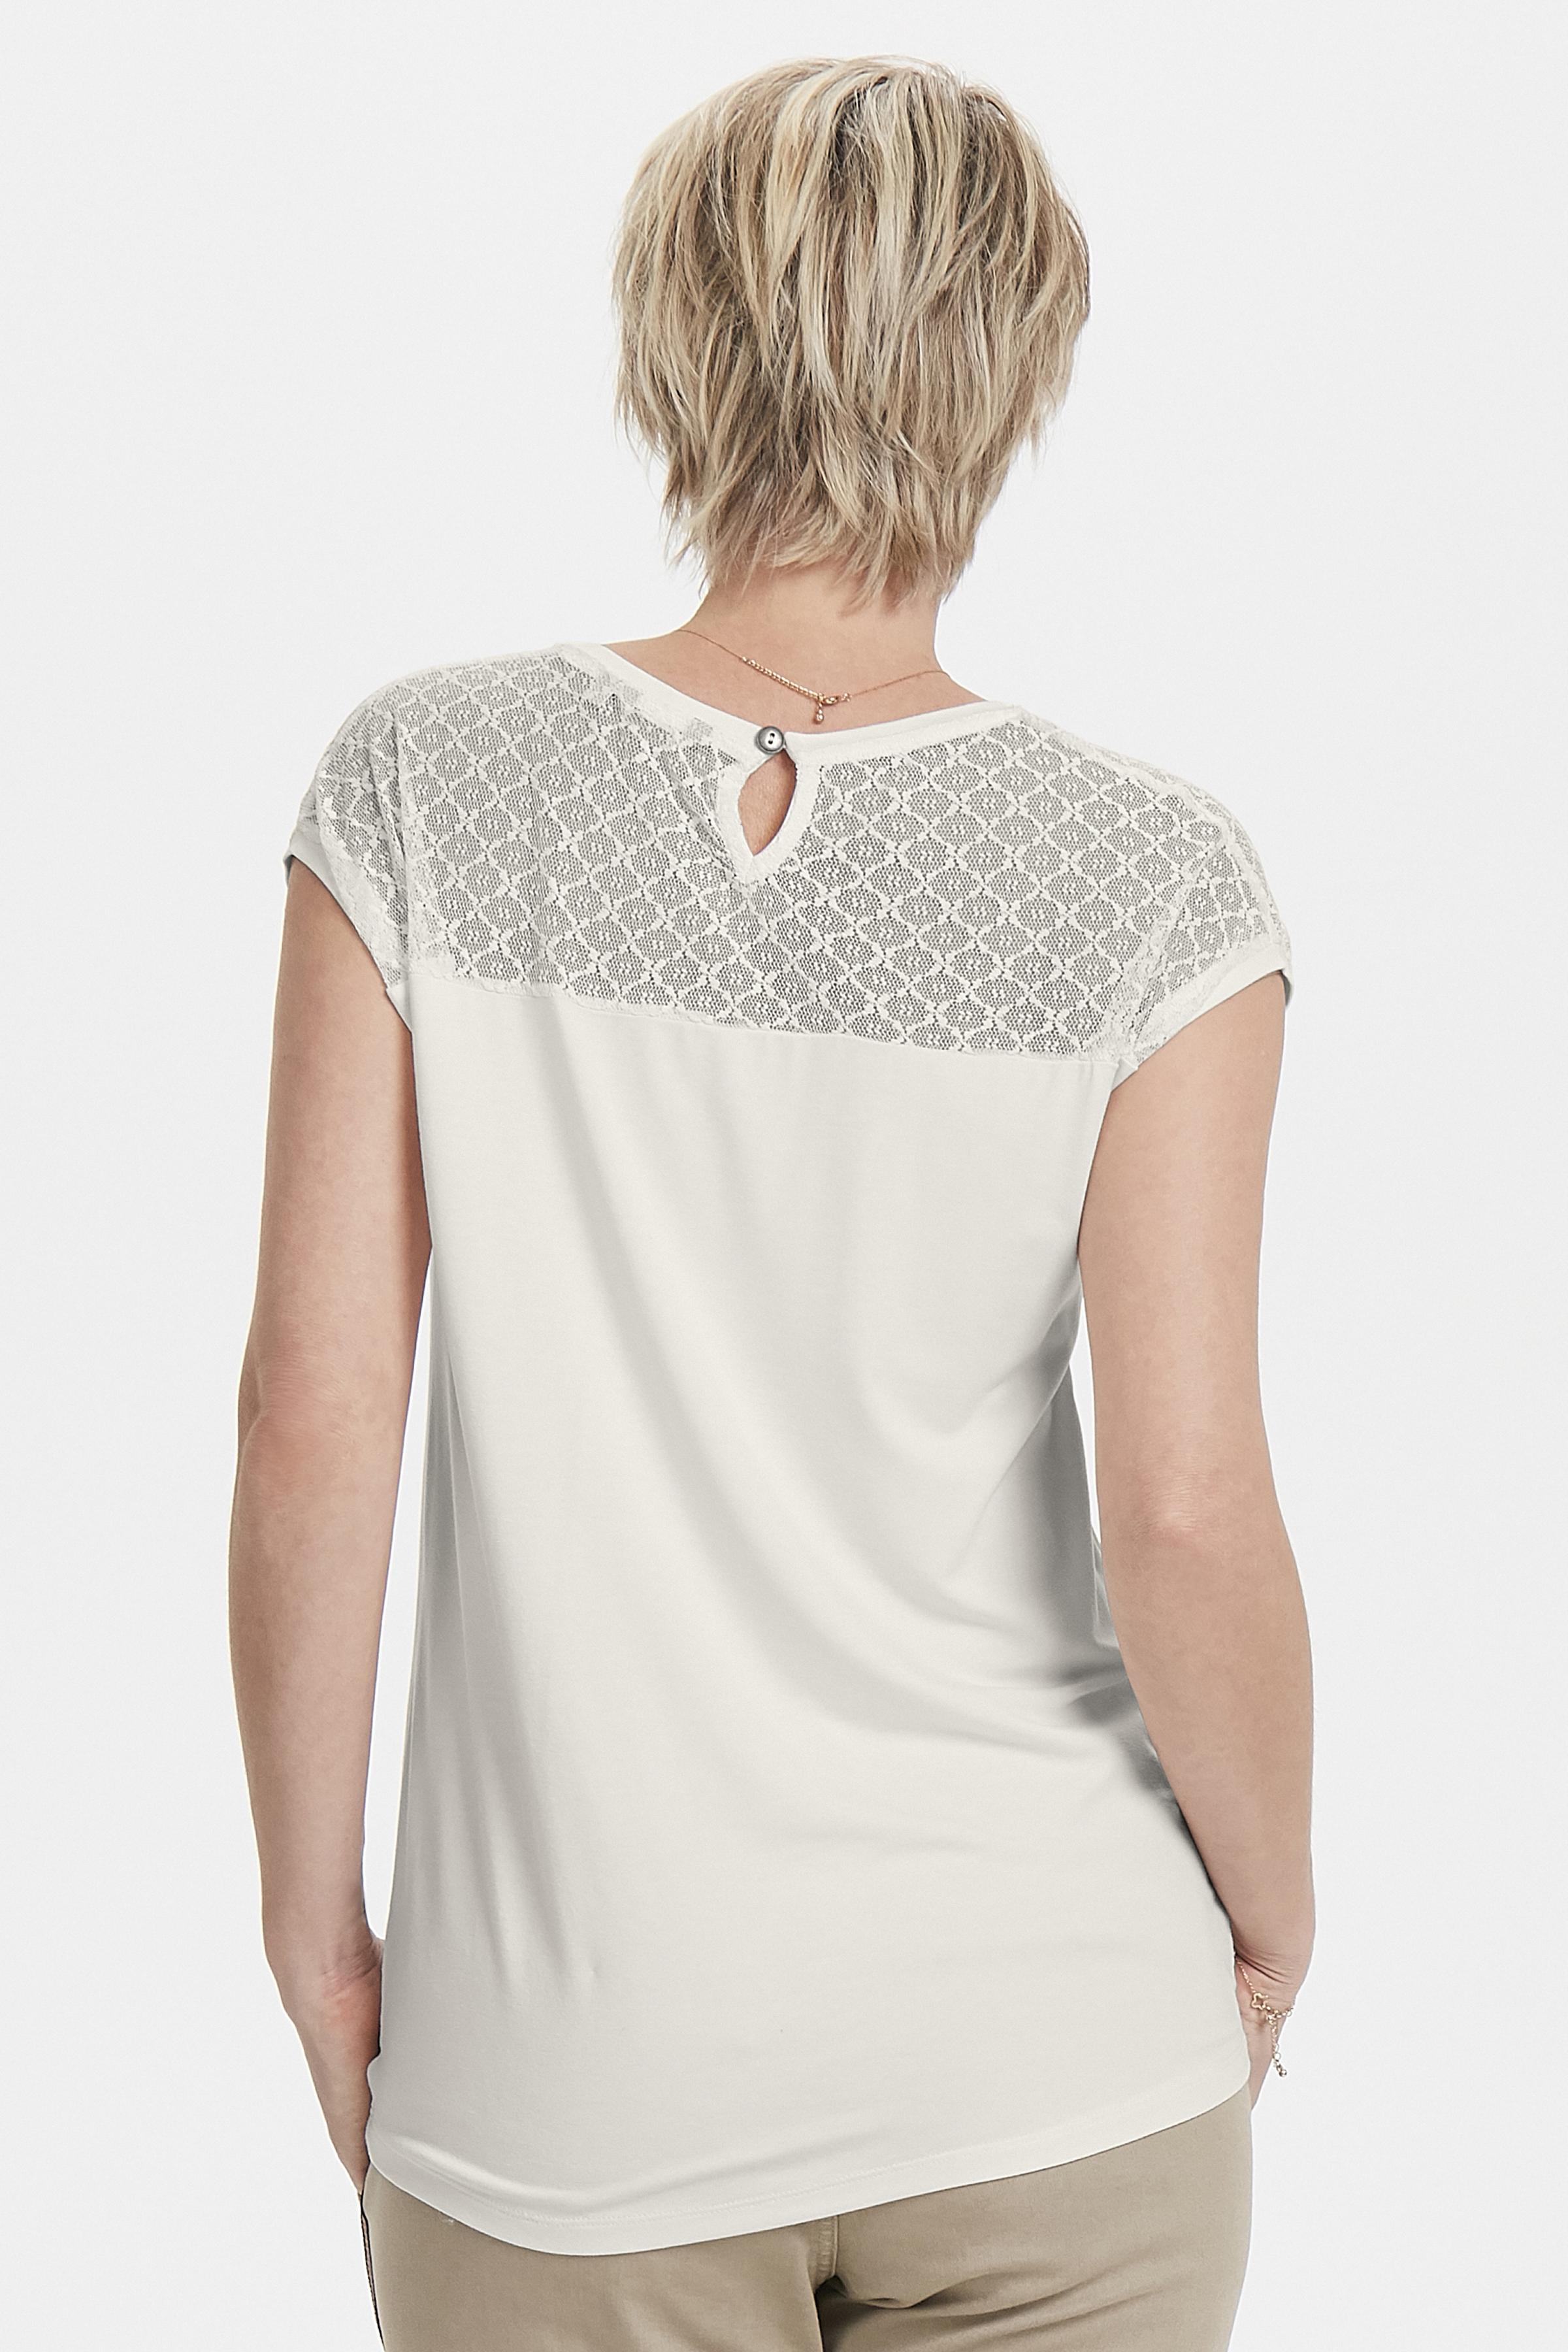 Creme Kurzarm-Bluse  von Bon'A Parte – Shoppen Sie Creme Kurzarm-Bluse  ab Gr. S-2XL hier